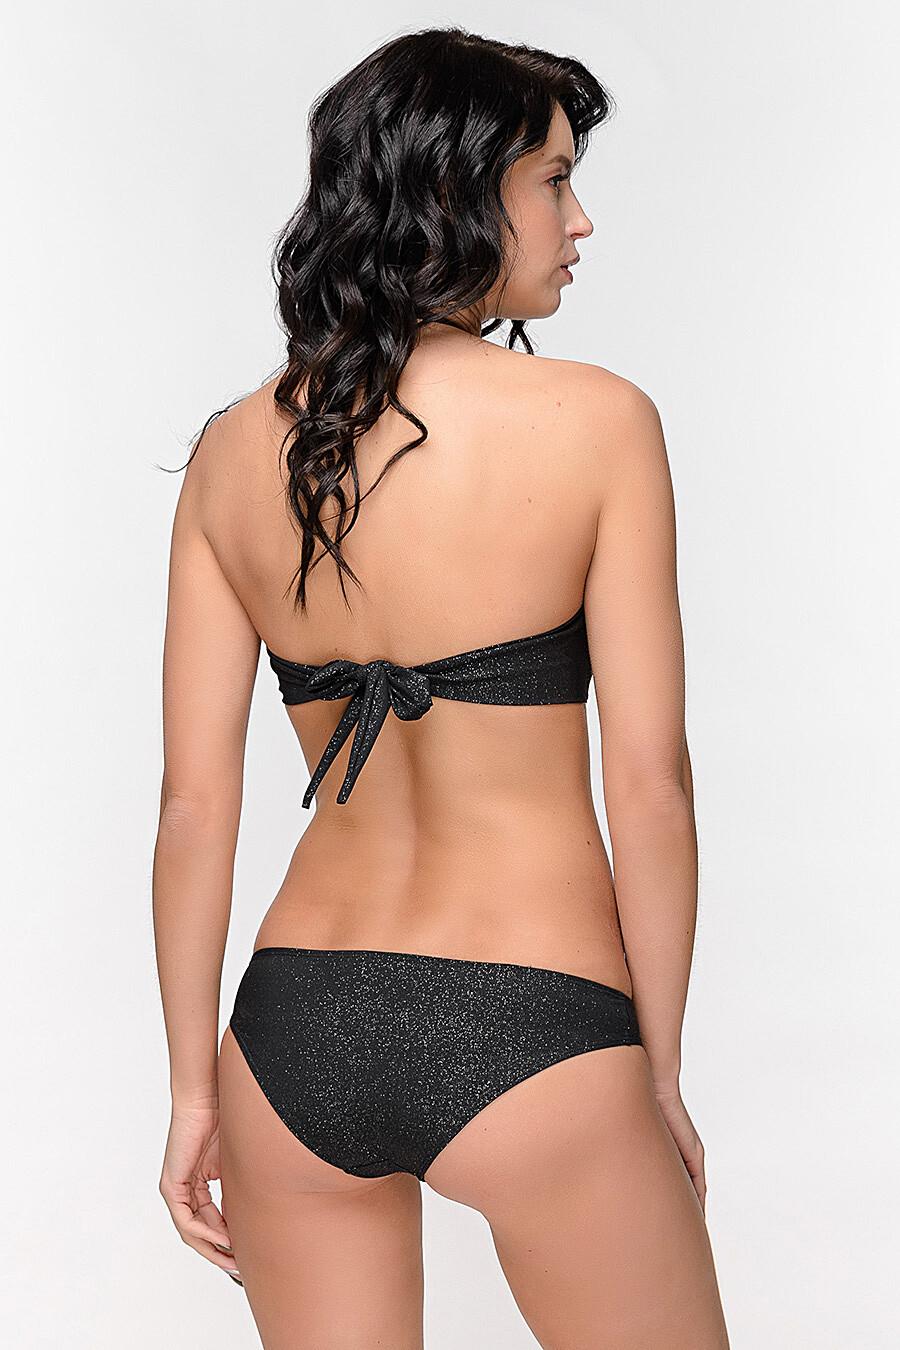 Бюстгальтер для женщин MILADY 247795 купить оптом от производителя. Совместная покупка женской одежды в OptMoyo